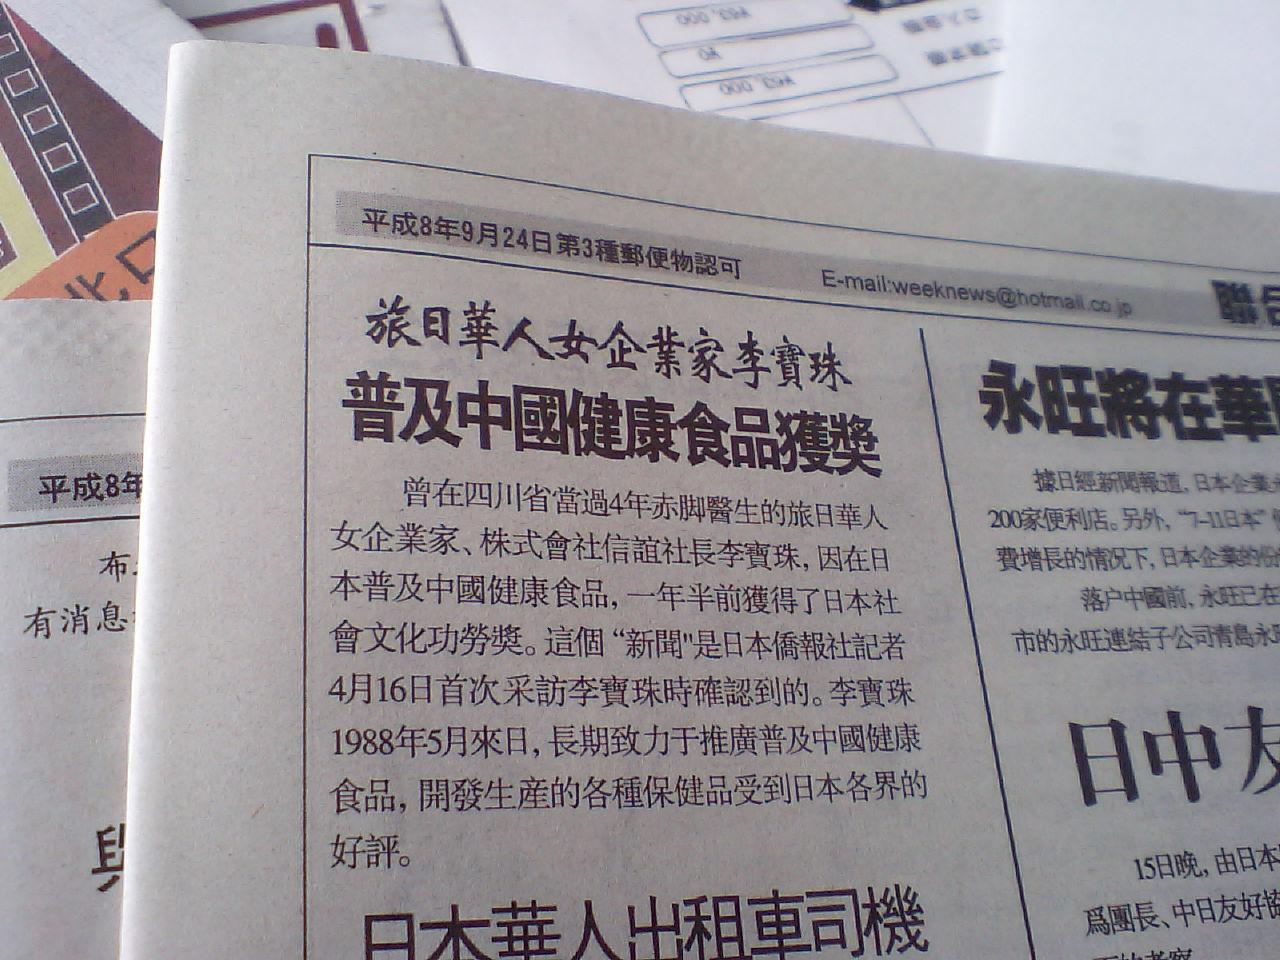 シンギー社長李宝珠さん 聯合週報に登場_d0027795_1642789.jpg